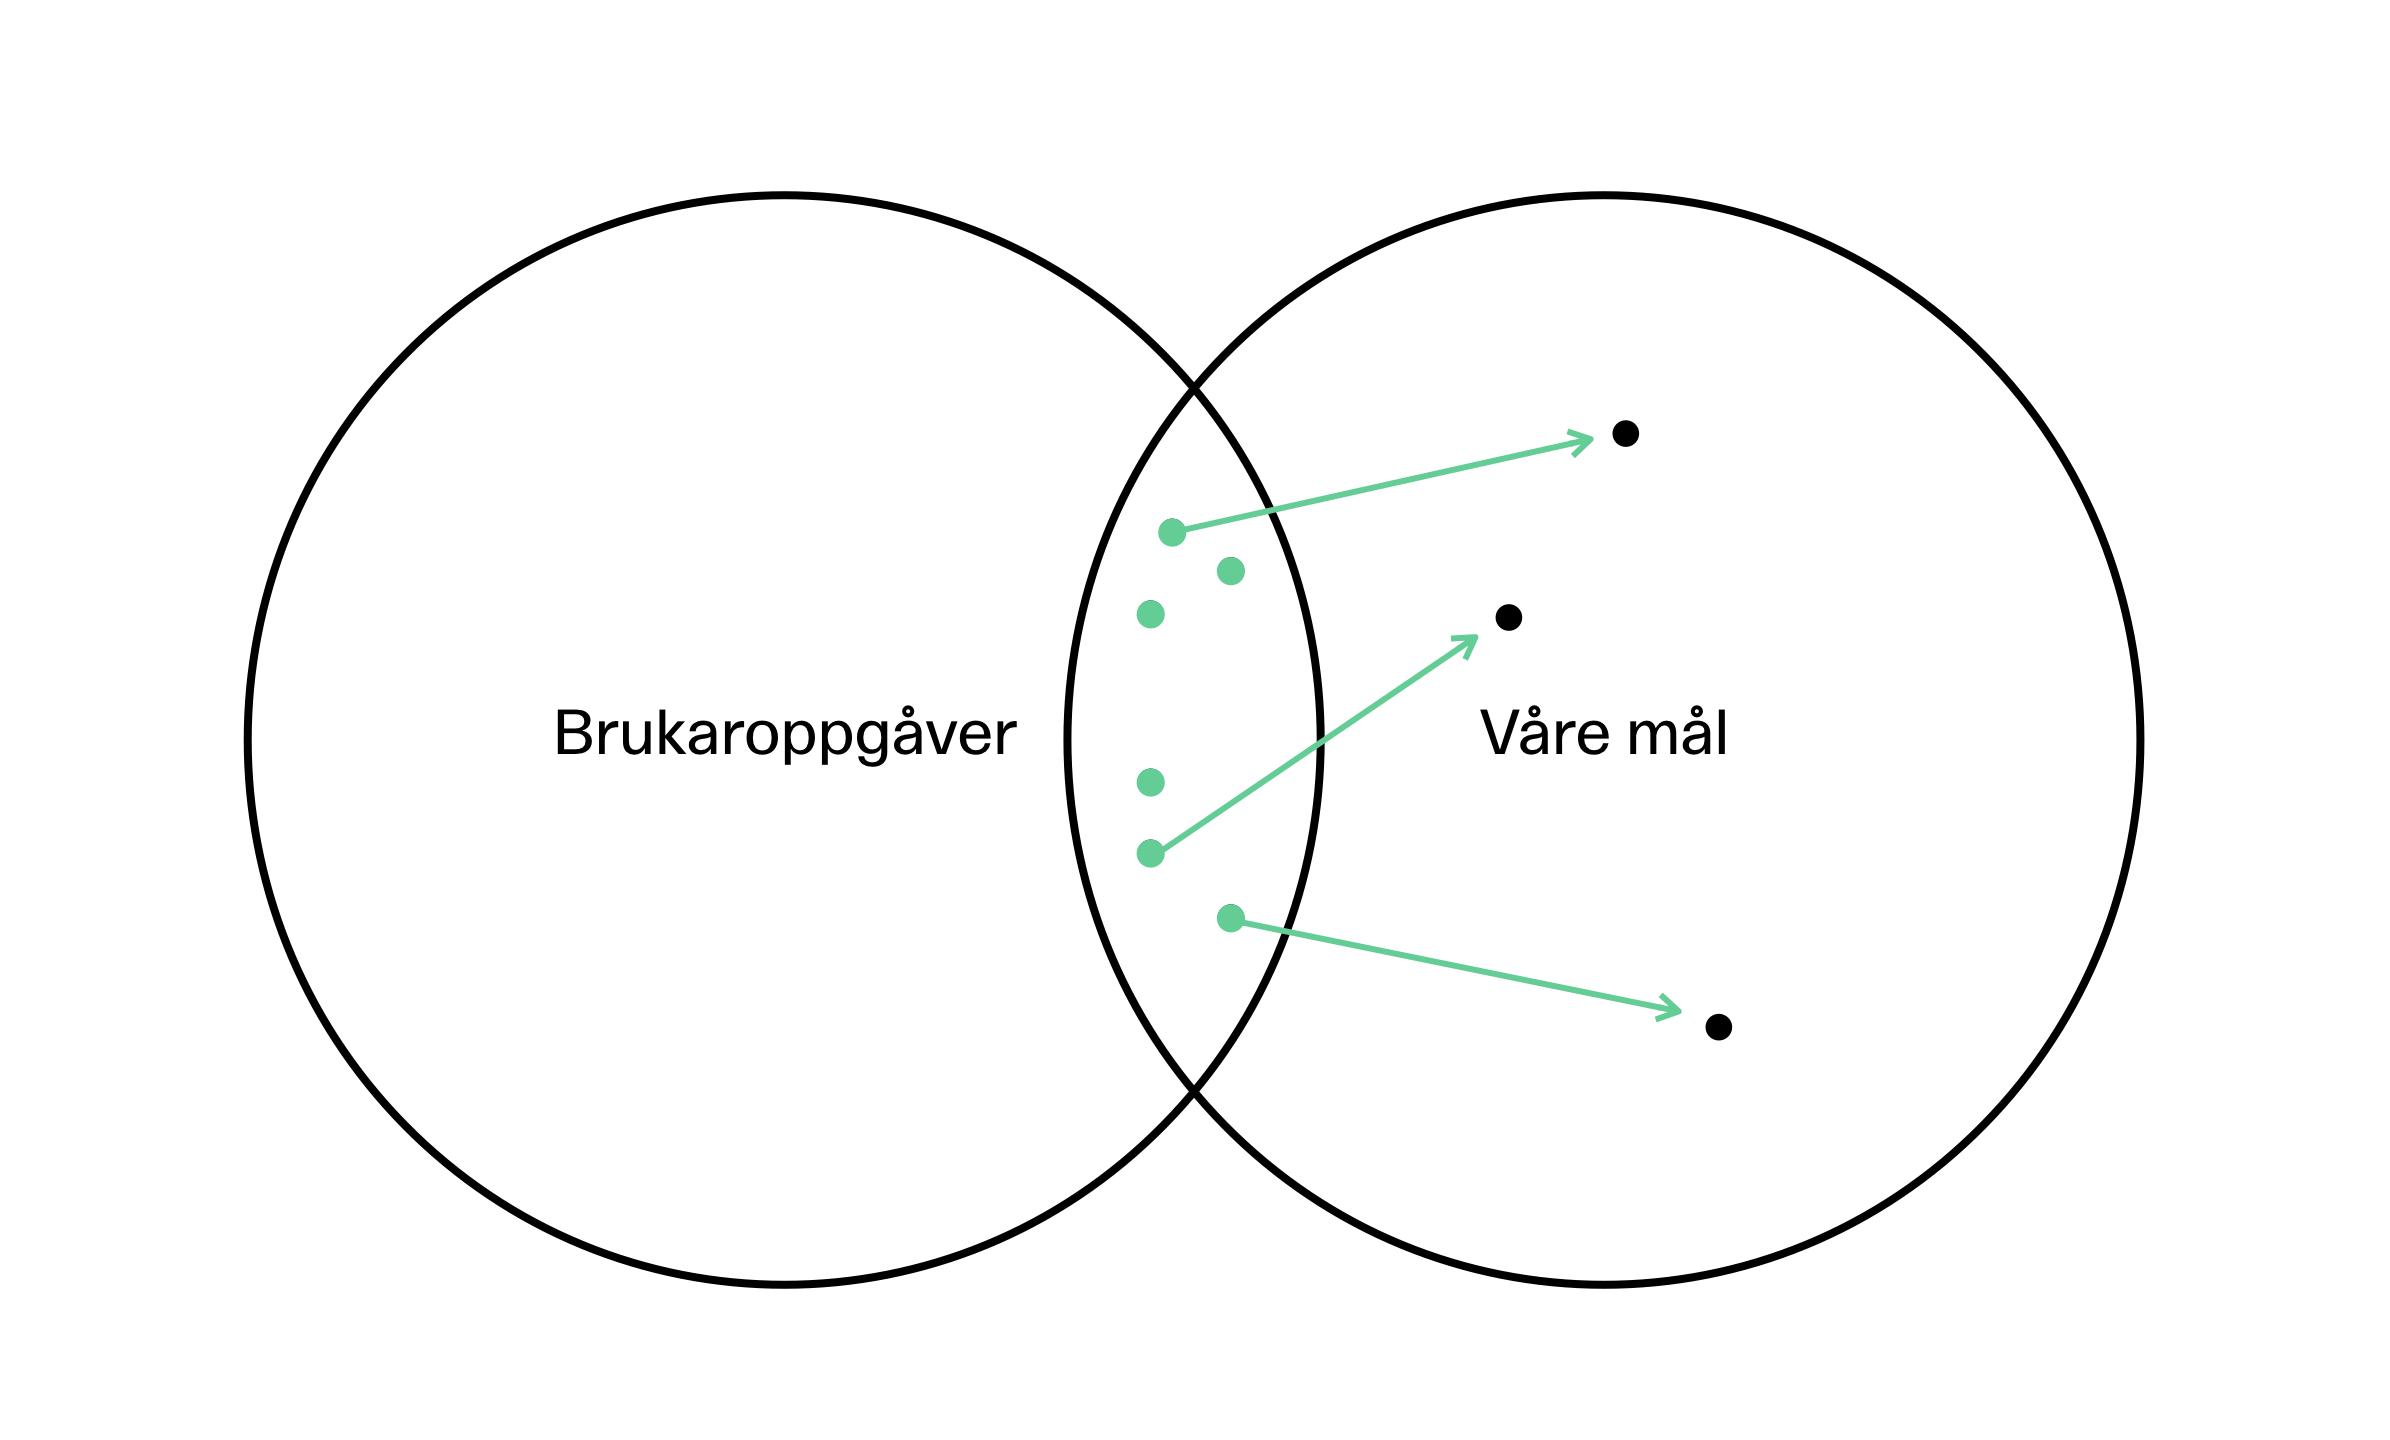 Modell med to sirkler som overlapper. Brukeroppgaver i sirkel til venstre. Våre mål i sirkel til høyre.